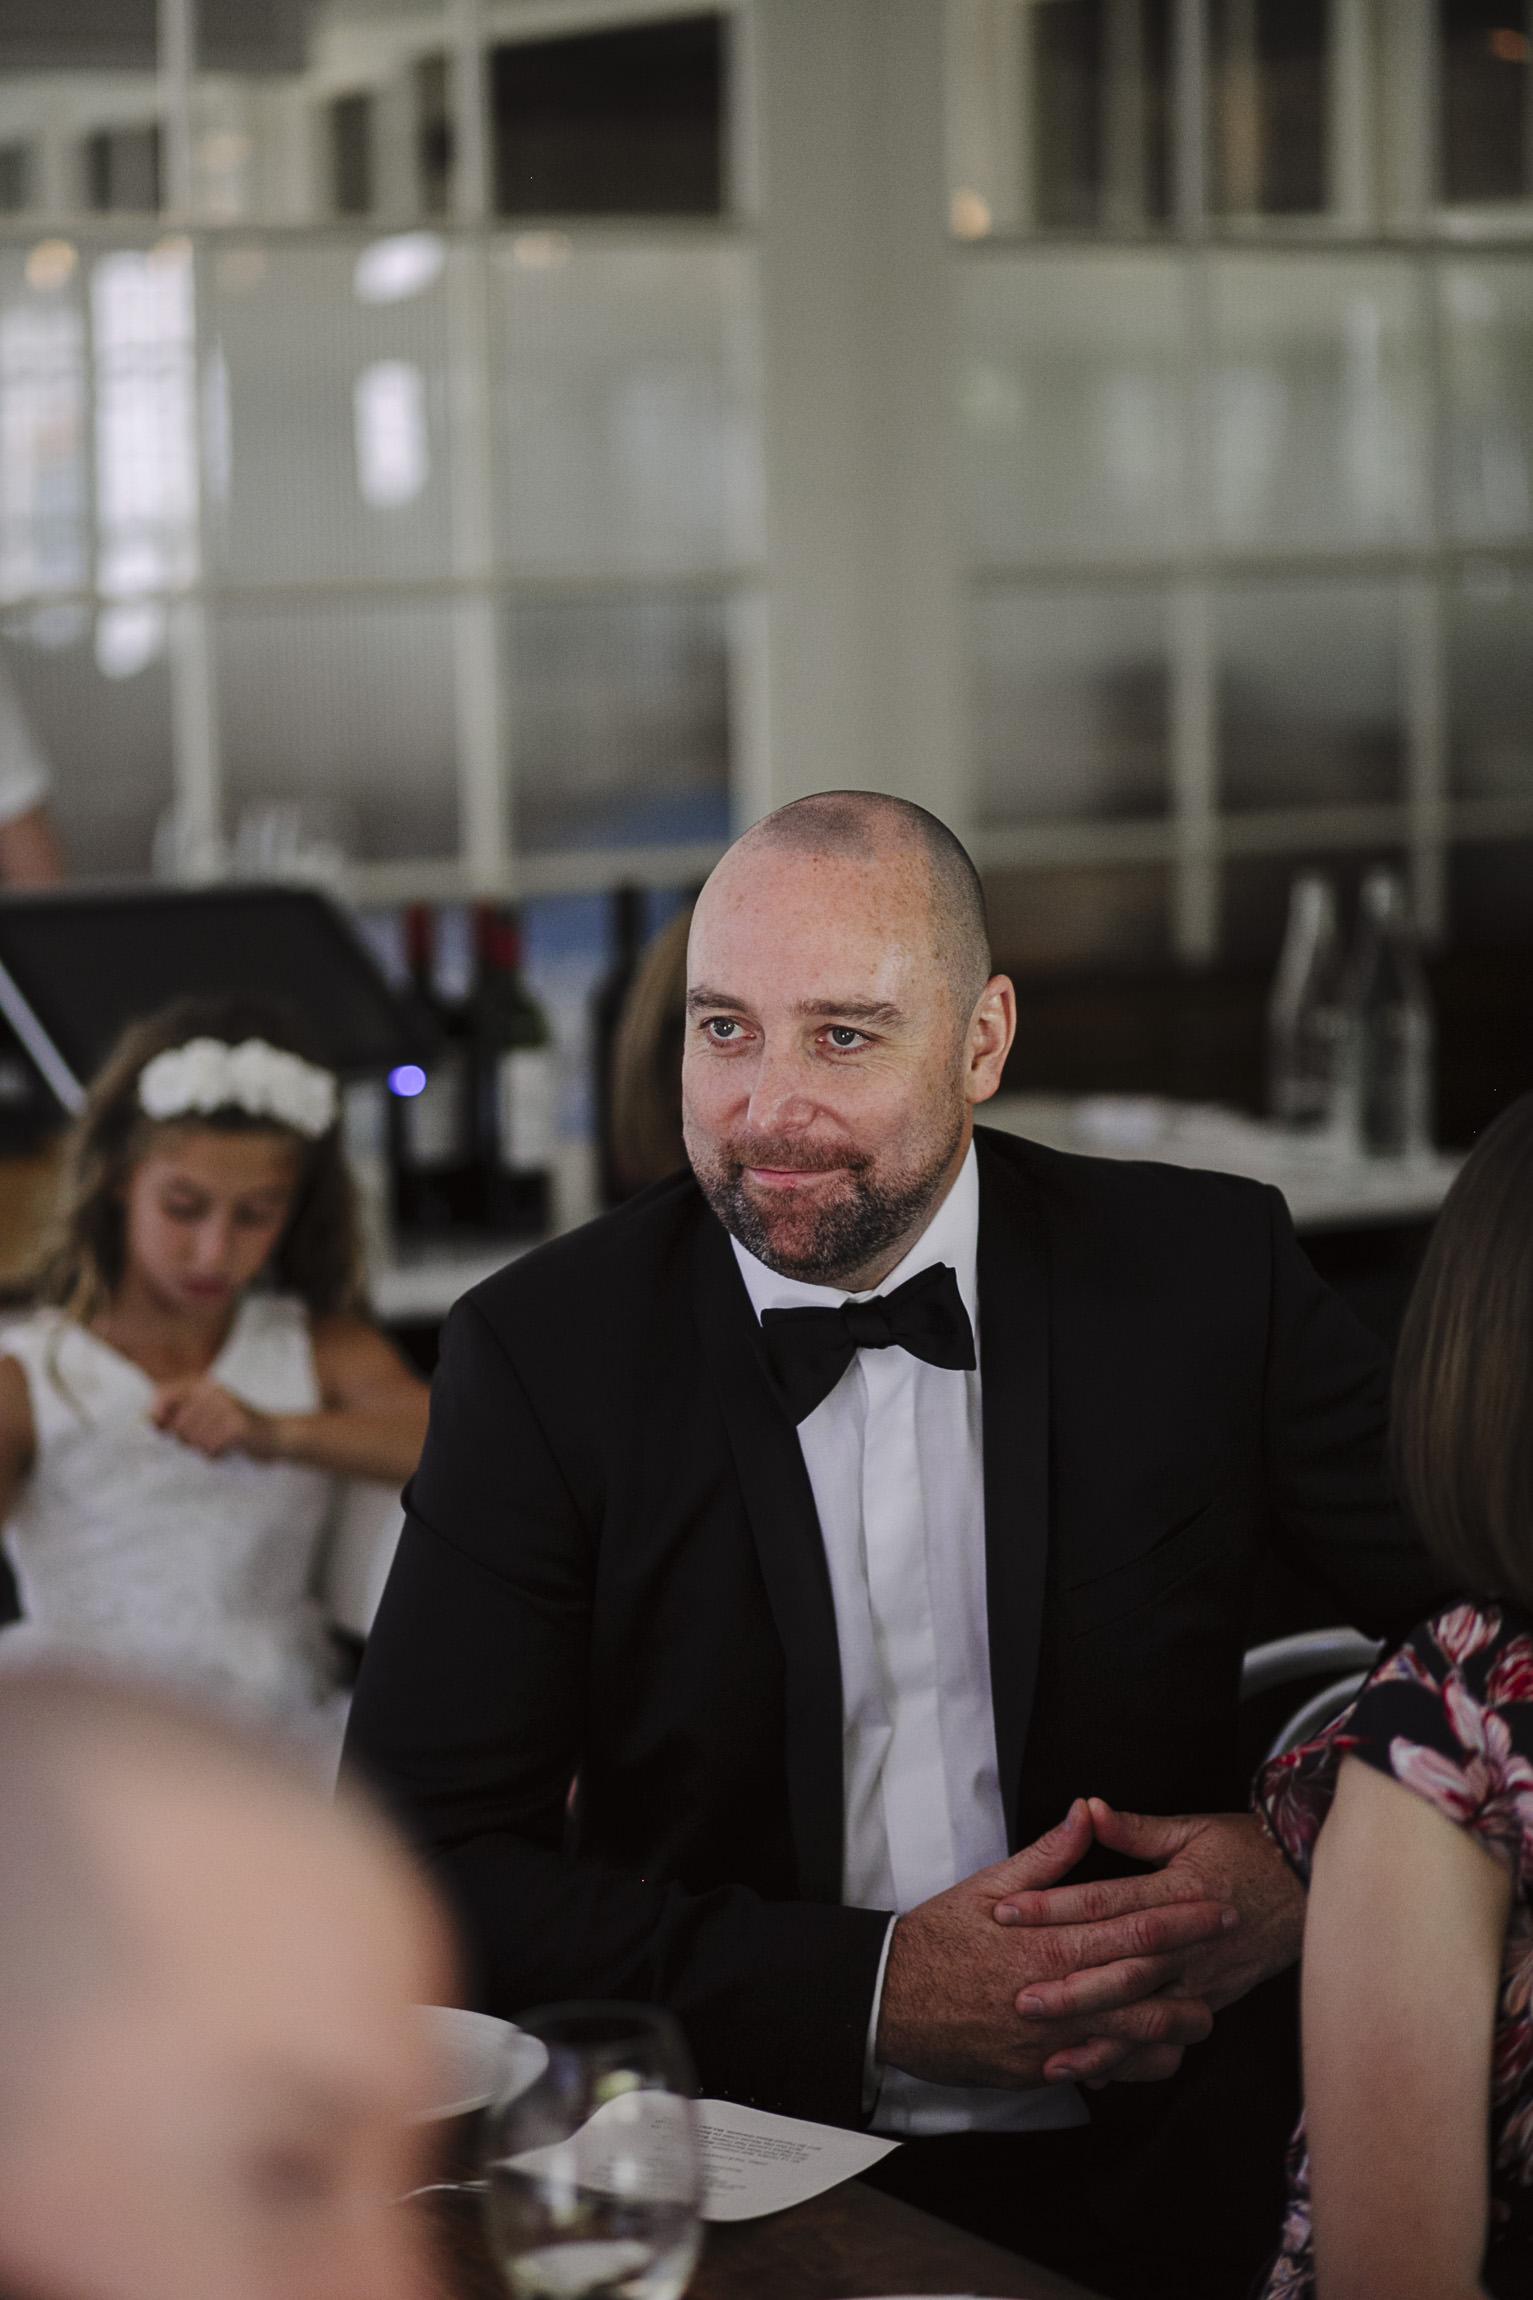 180420_justinaaron_wedding_yang_ben_h-350.jpg